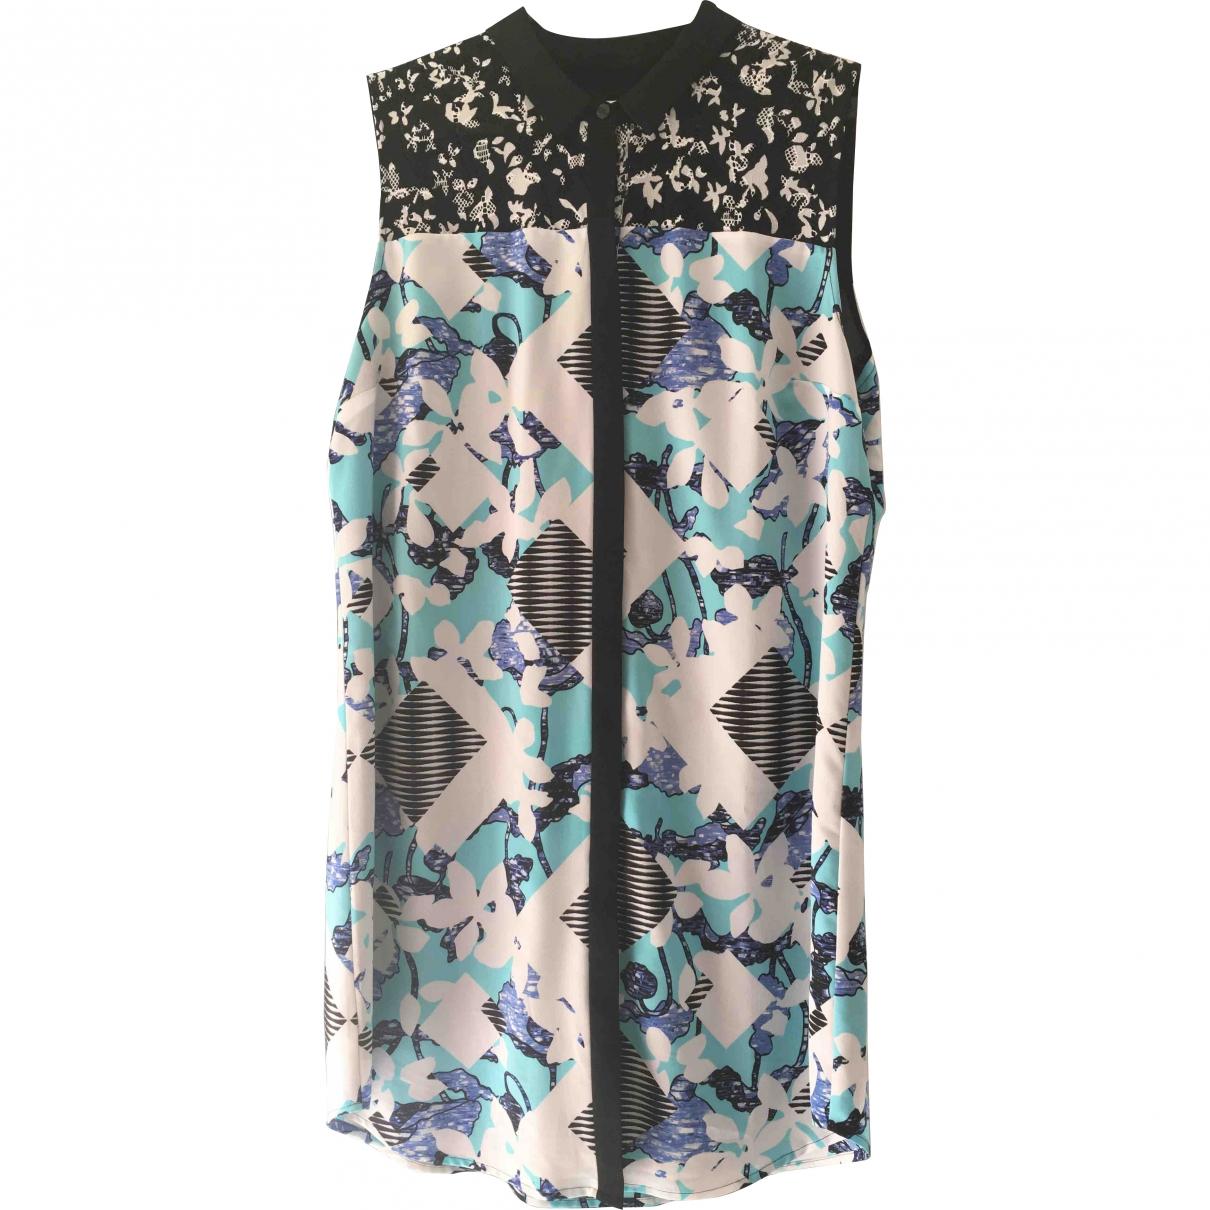 Peter Pilotto \N Multicolour dress for Women XL International